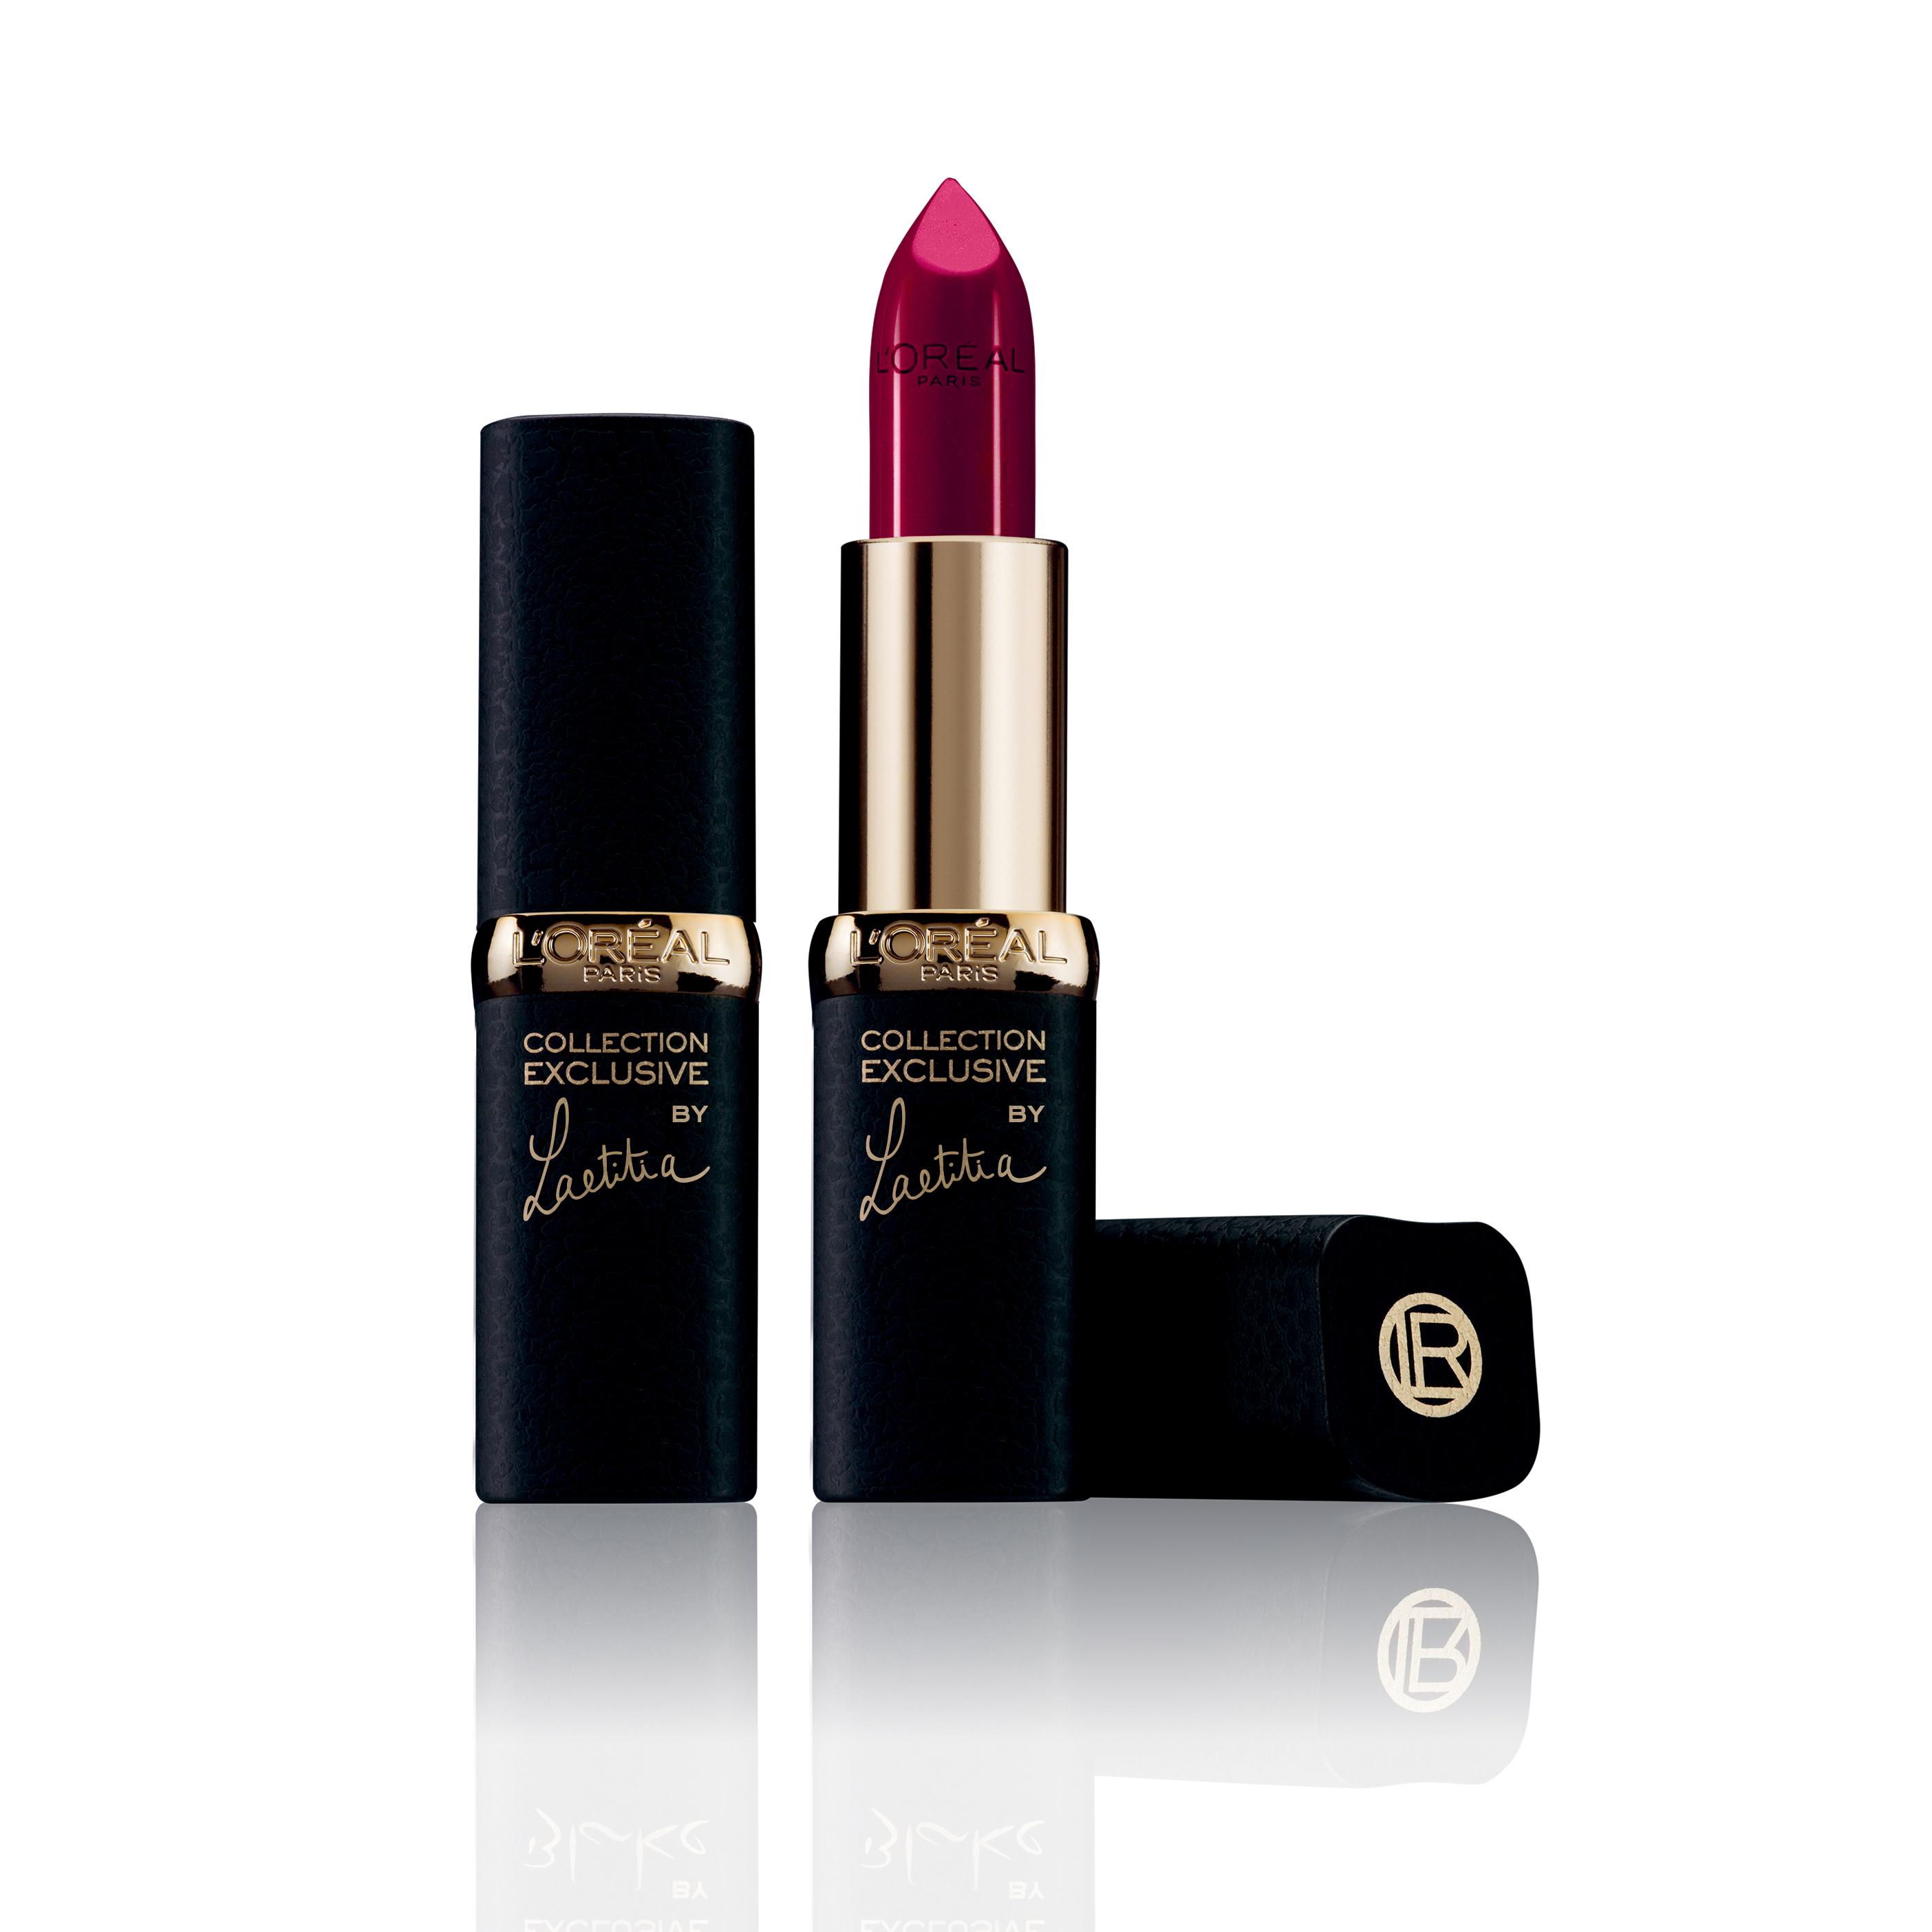 Pintalabios rojo mate Laetitia Collection Exclusive de L'Oréal Paris